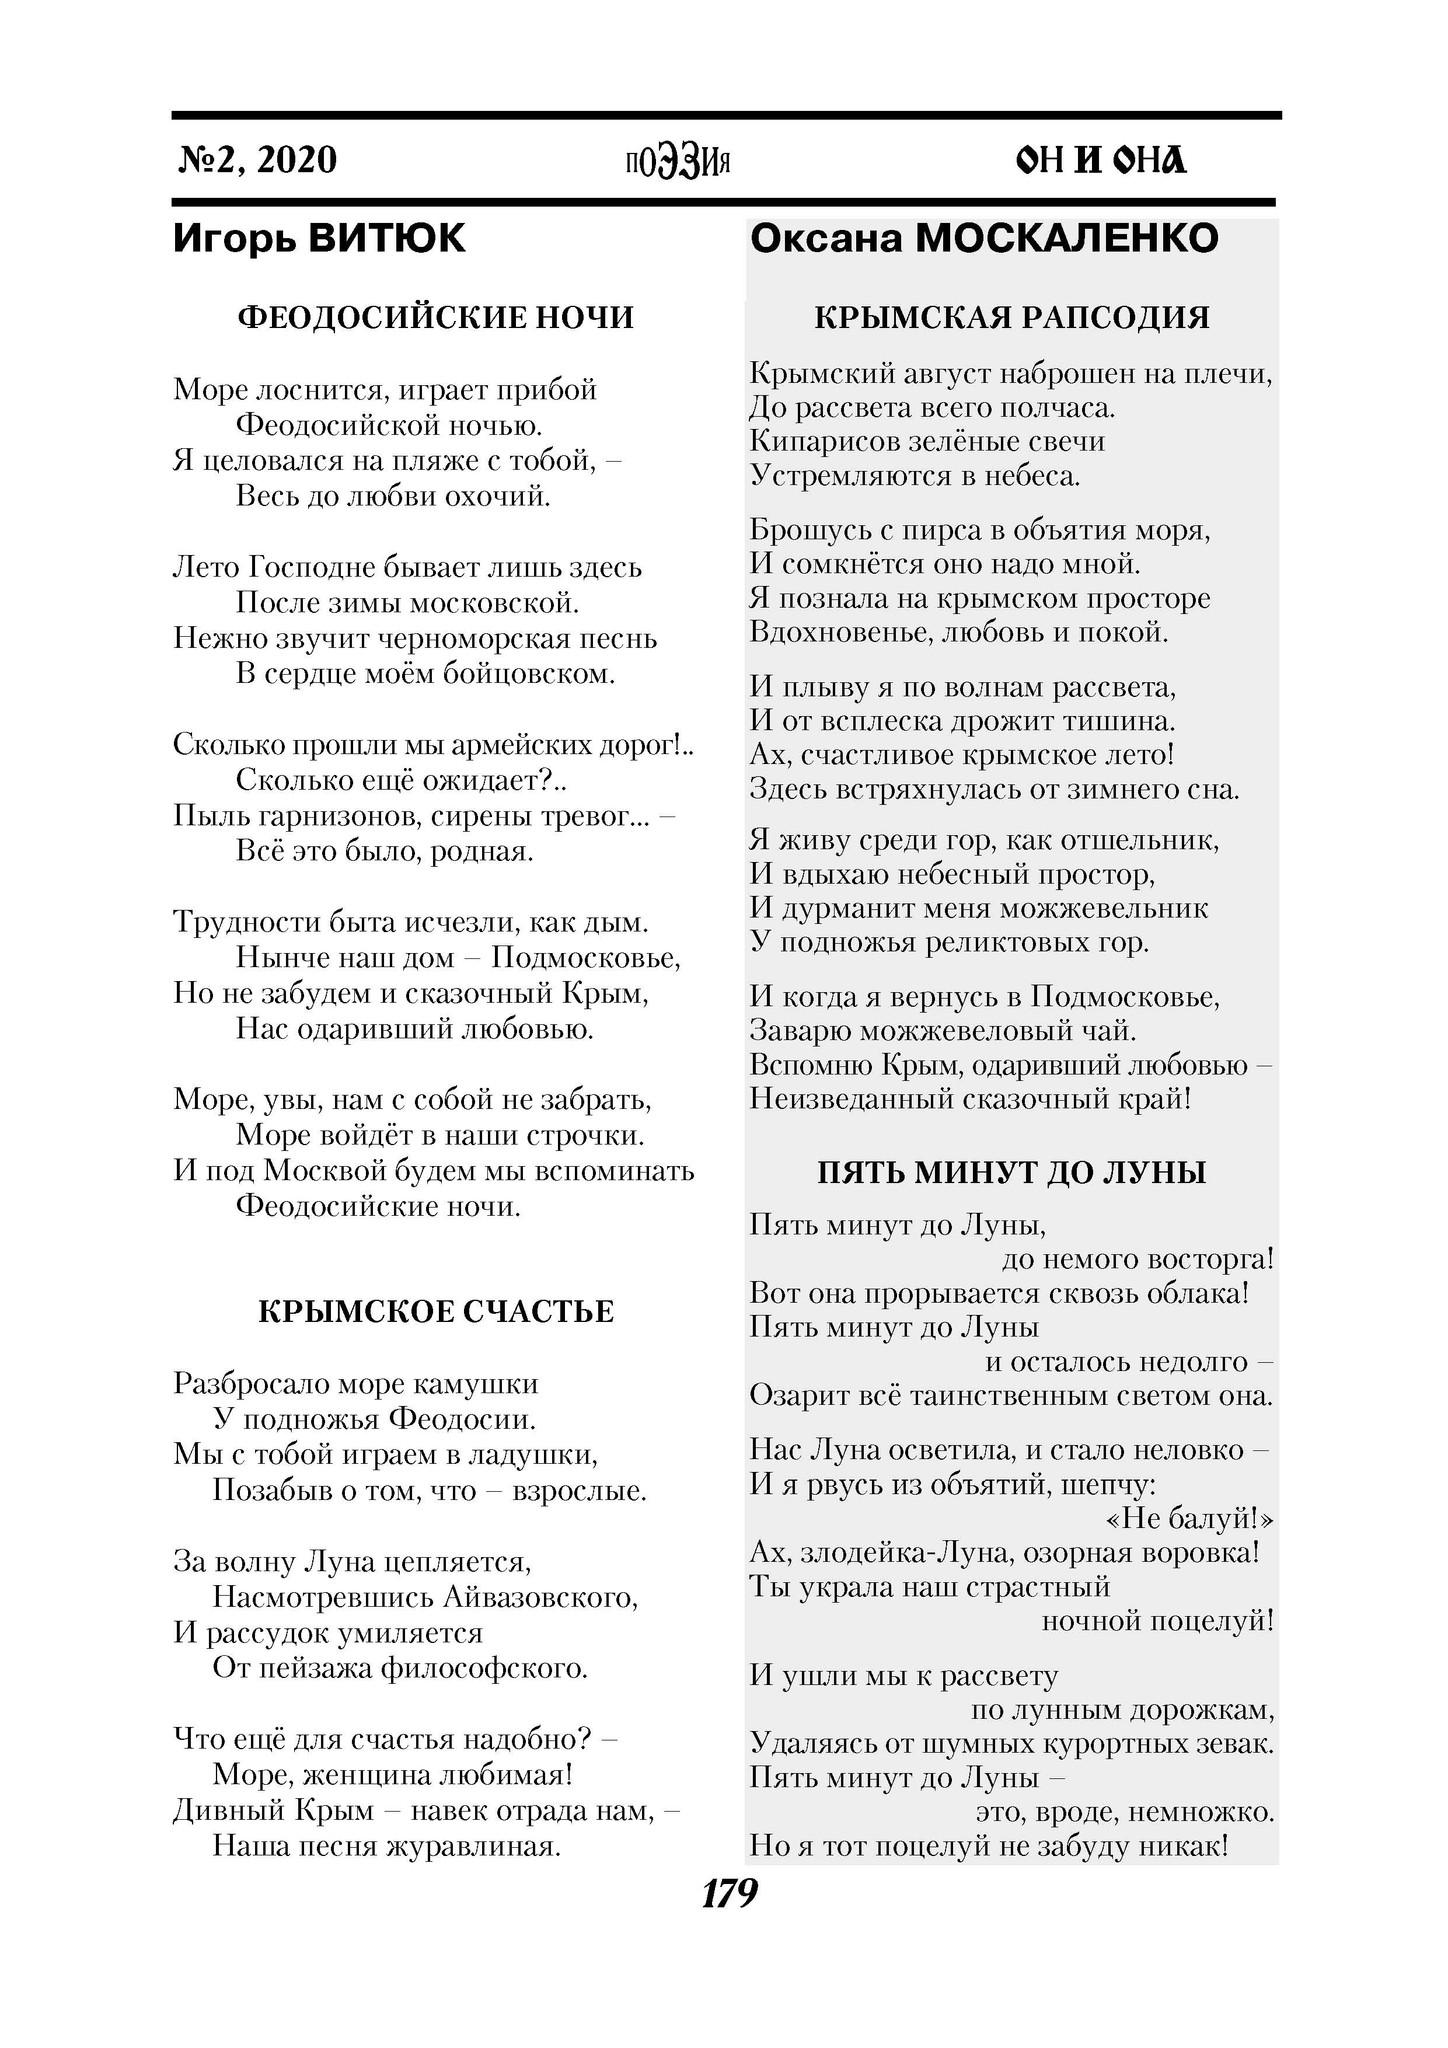 можете журналы поэзии в россии послать стихи чего-то меру